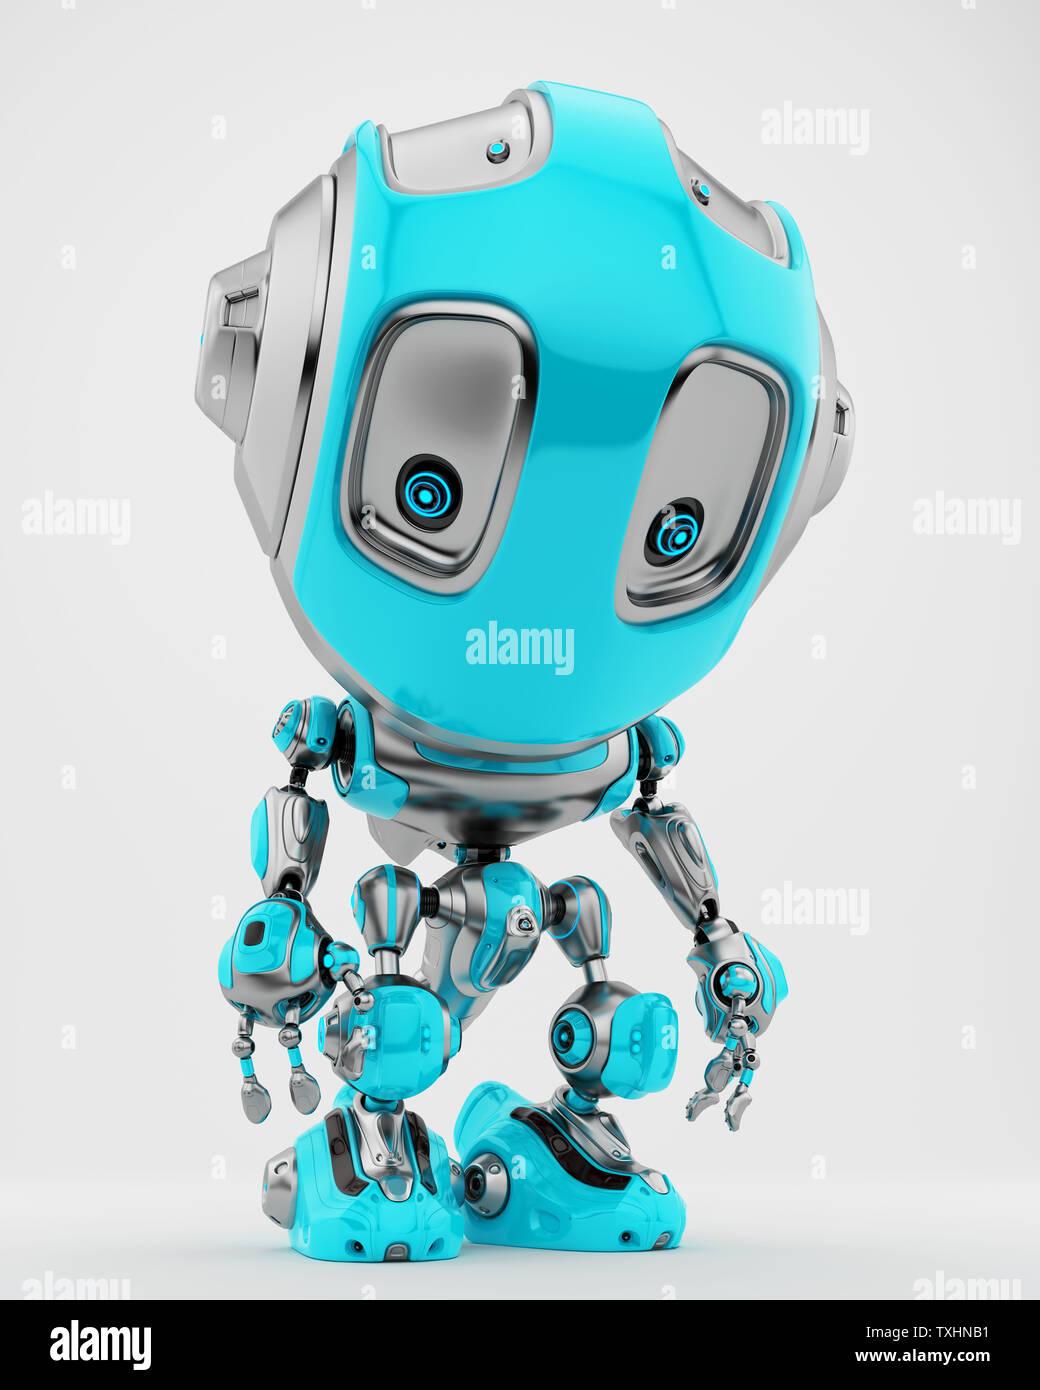 cute robotic toy 3d